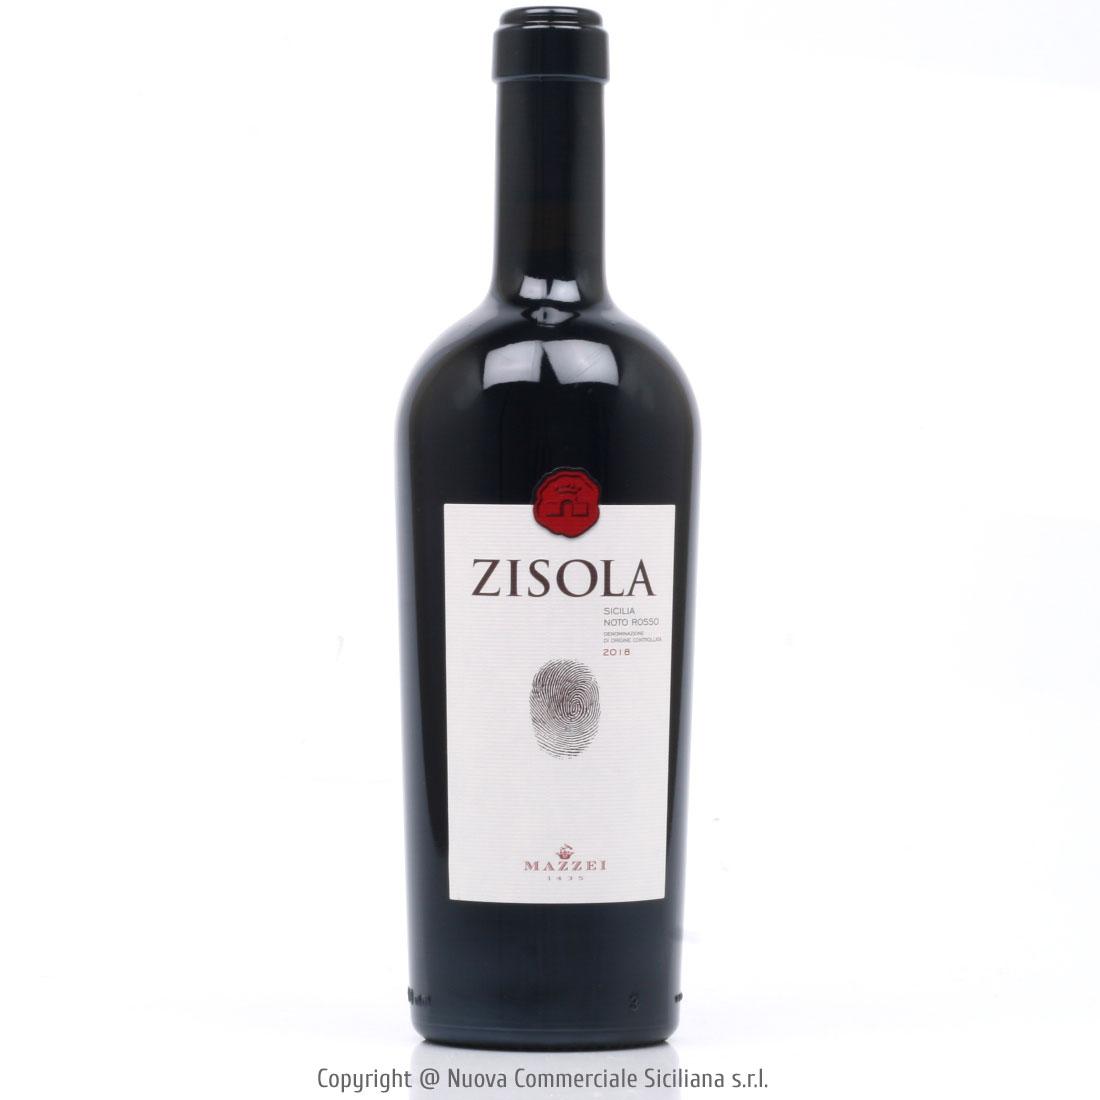 ZISOLA NOTO ROSSO DOC 2018 - SICILIA/ROSSO CL 75